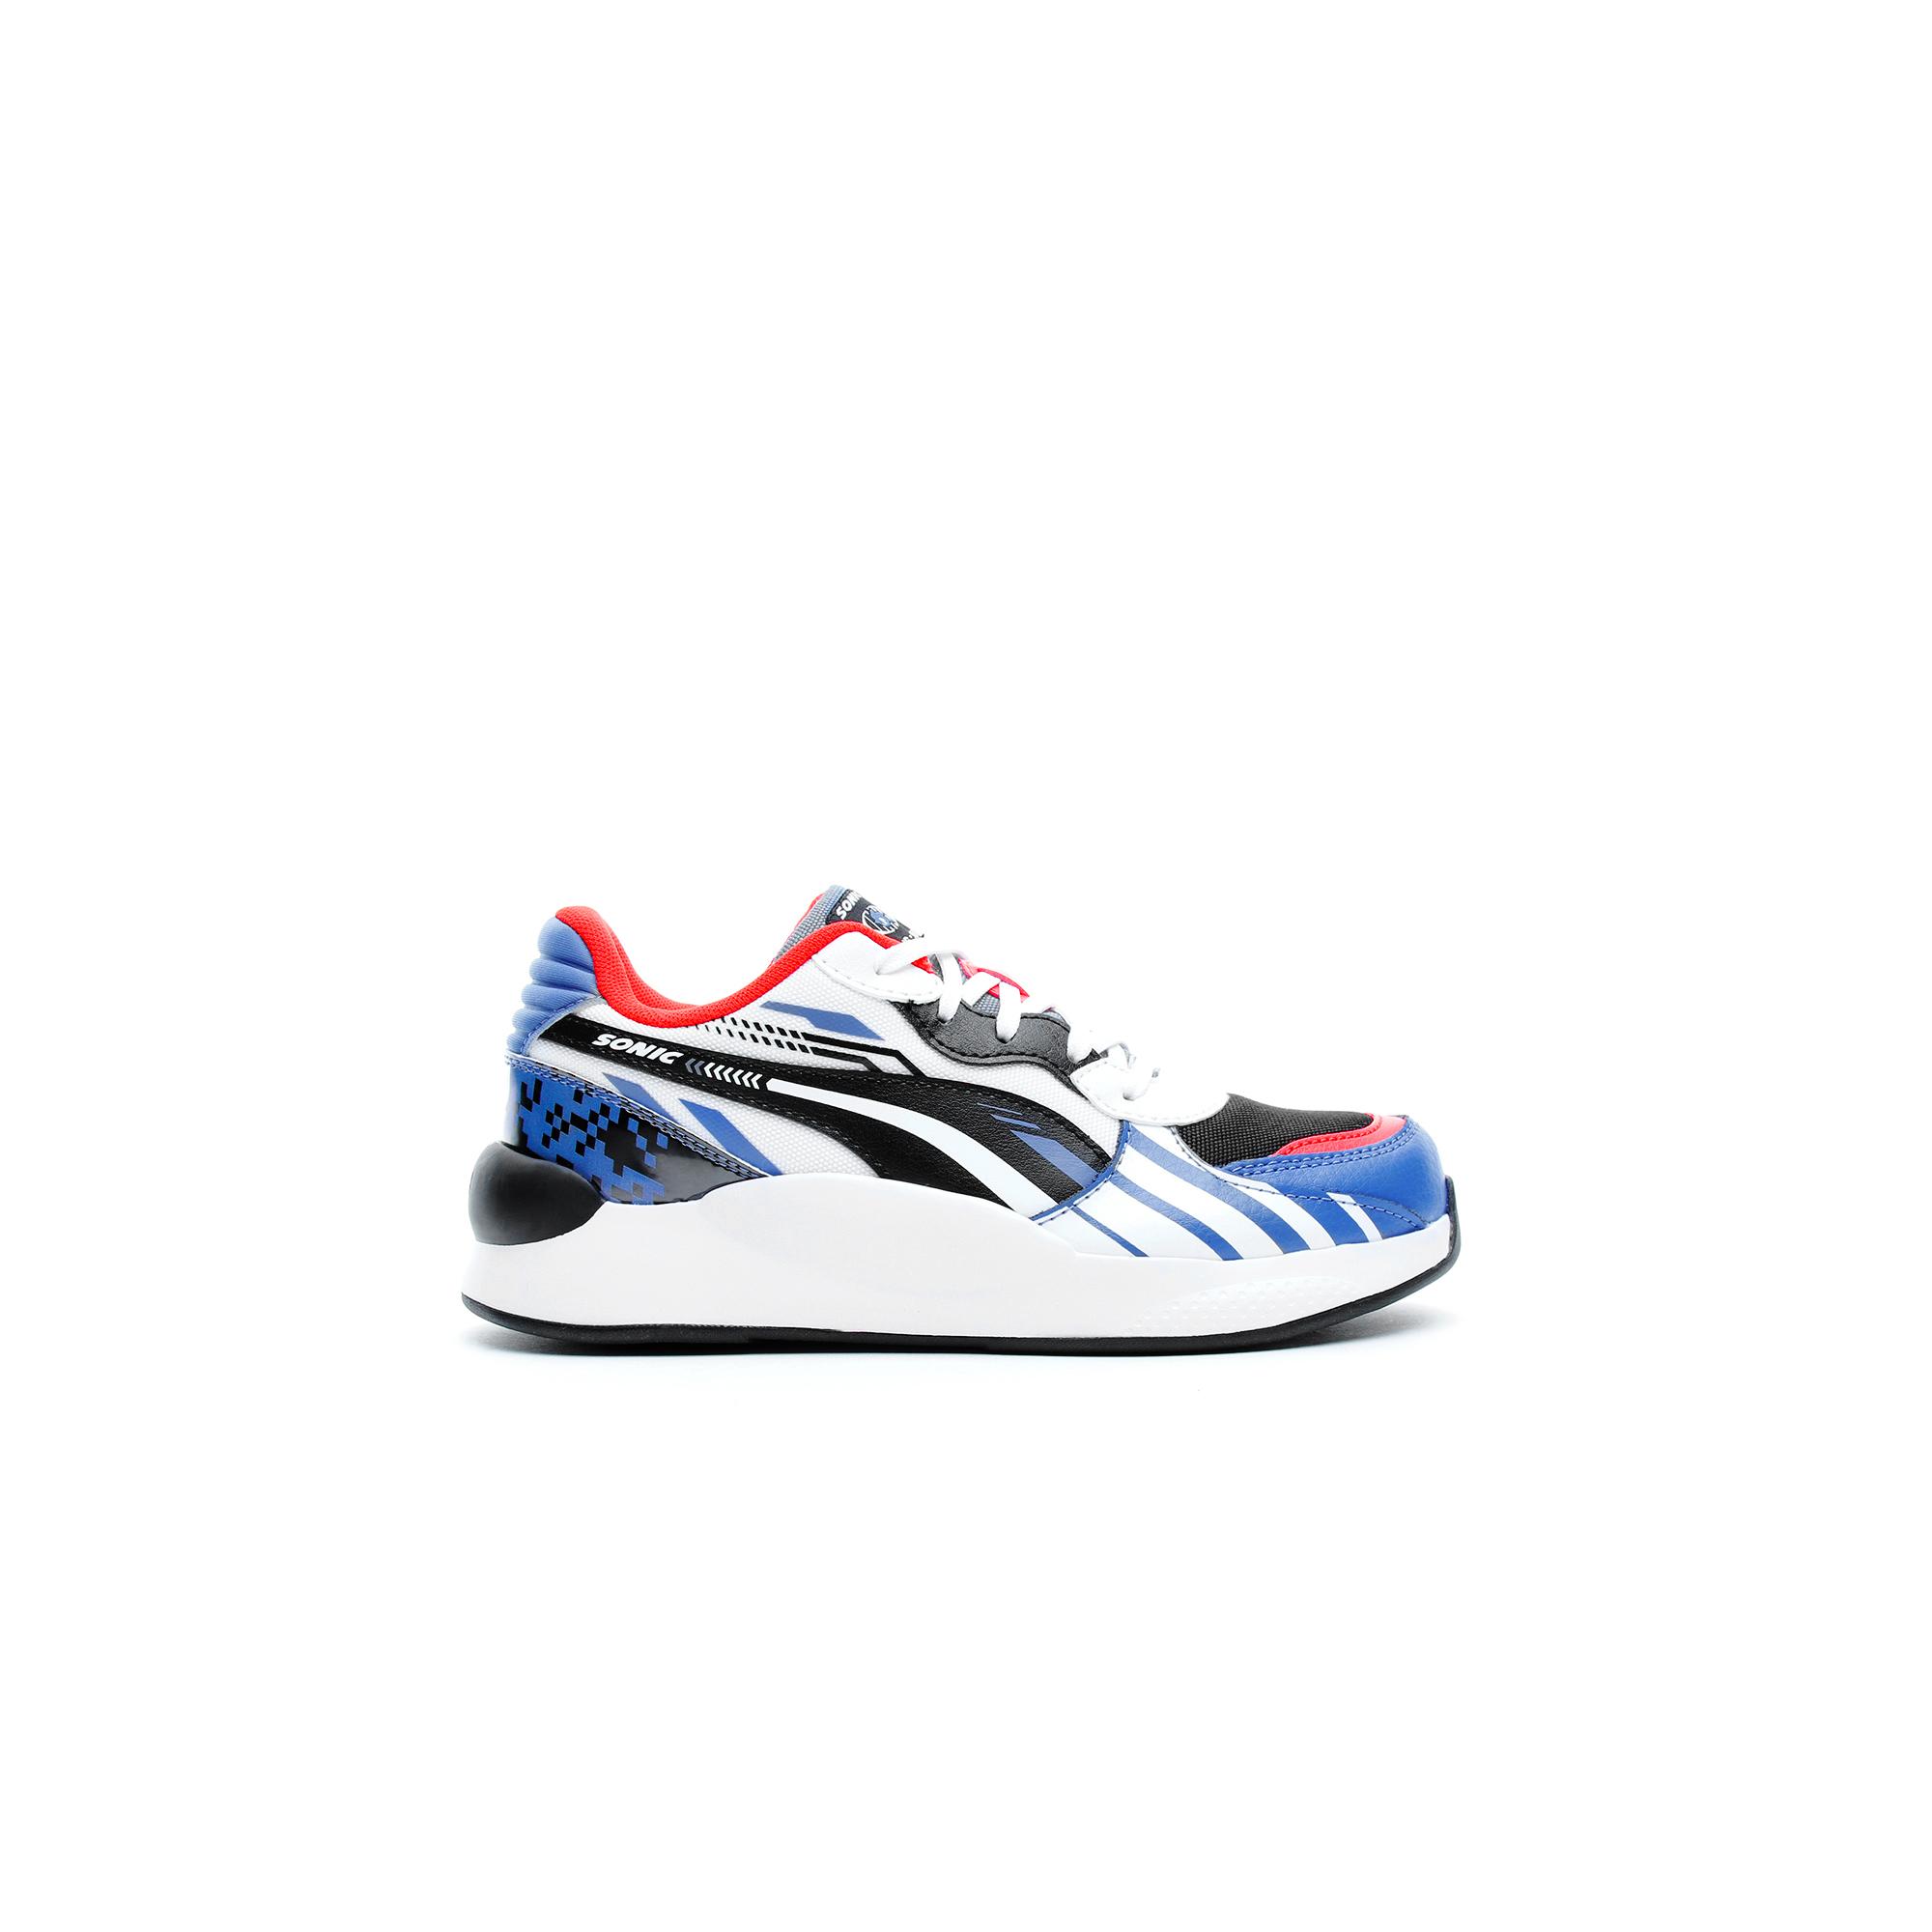 Puma SEGA RS 9.8 Sonic Çocuk Beyaz-Mavi Spor Ayakkabı